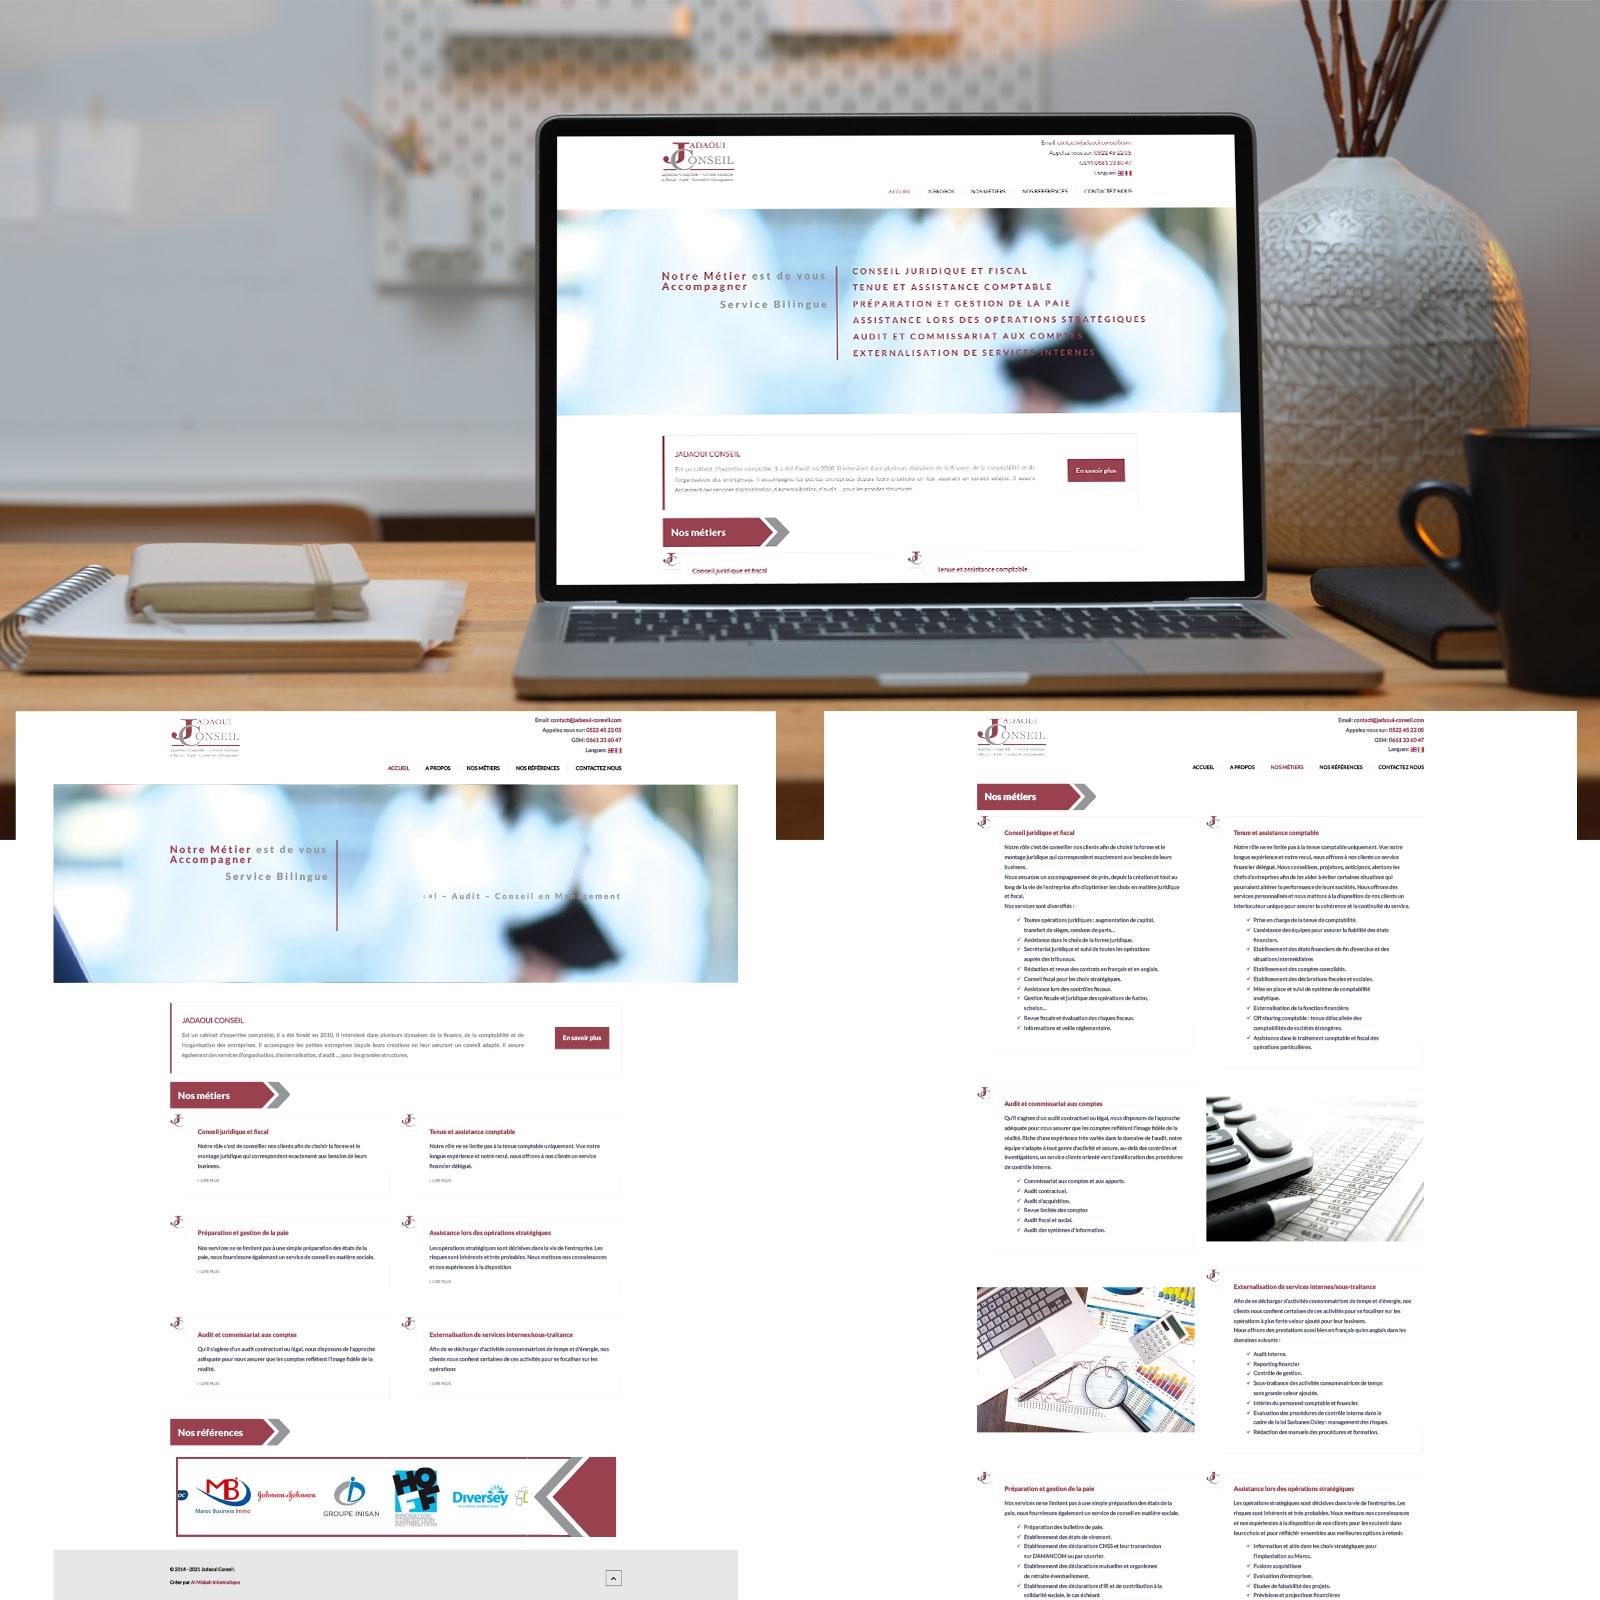 Création de Site Web Vitrine Jadaoui Conseil